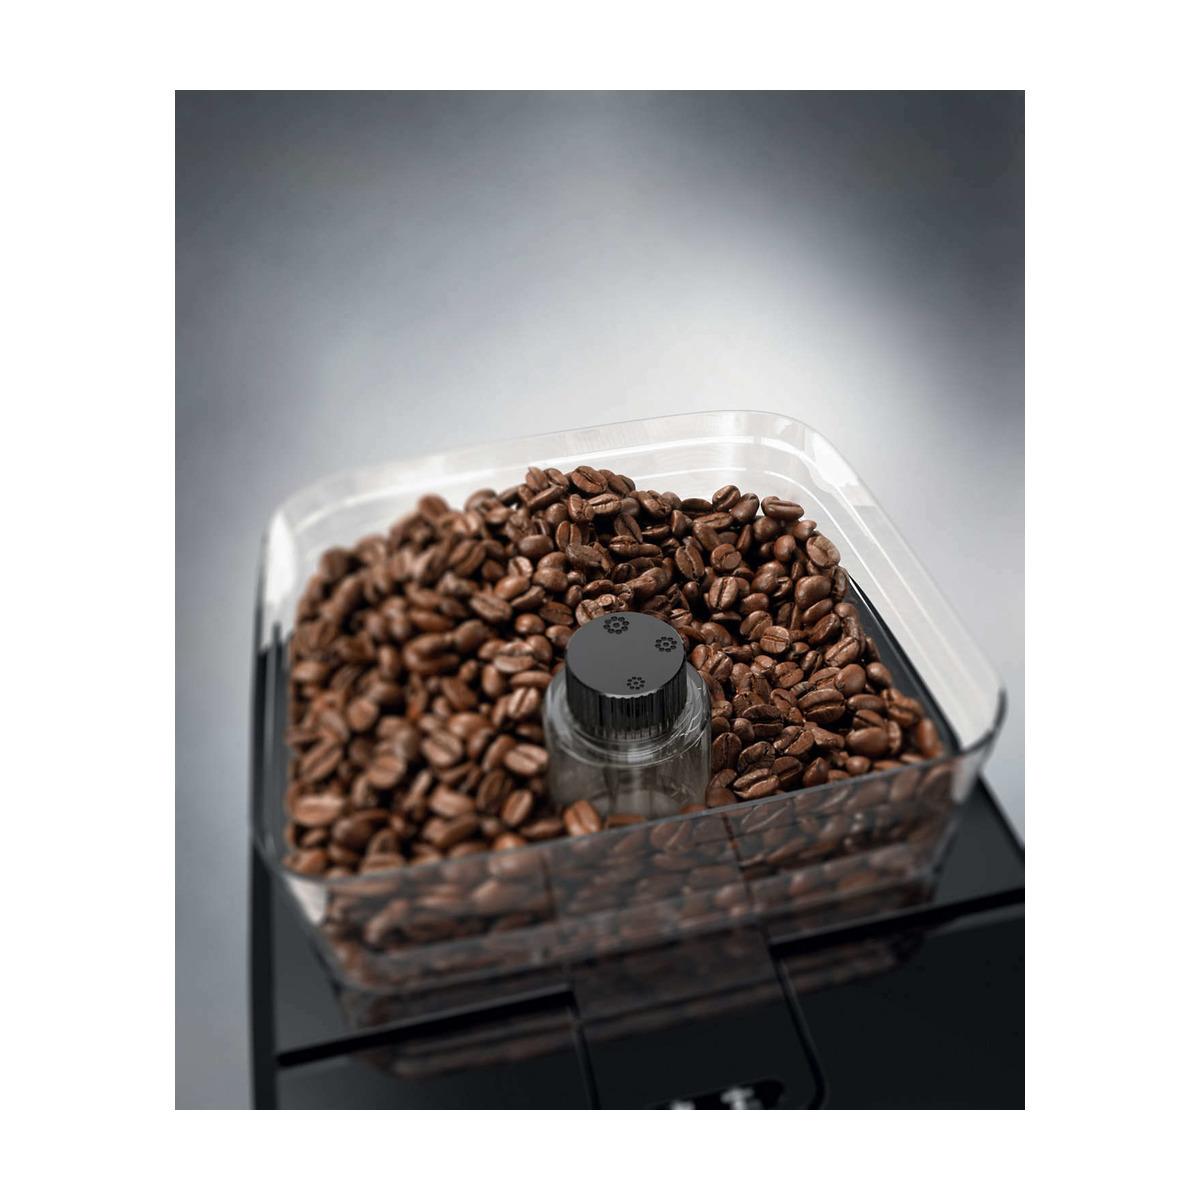 PHILIPS Grind & Brew Kaffebryggare HD776700